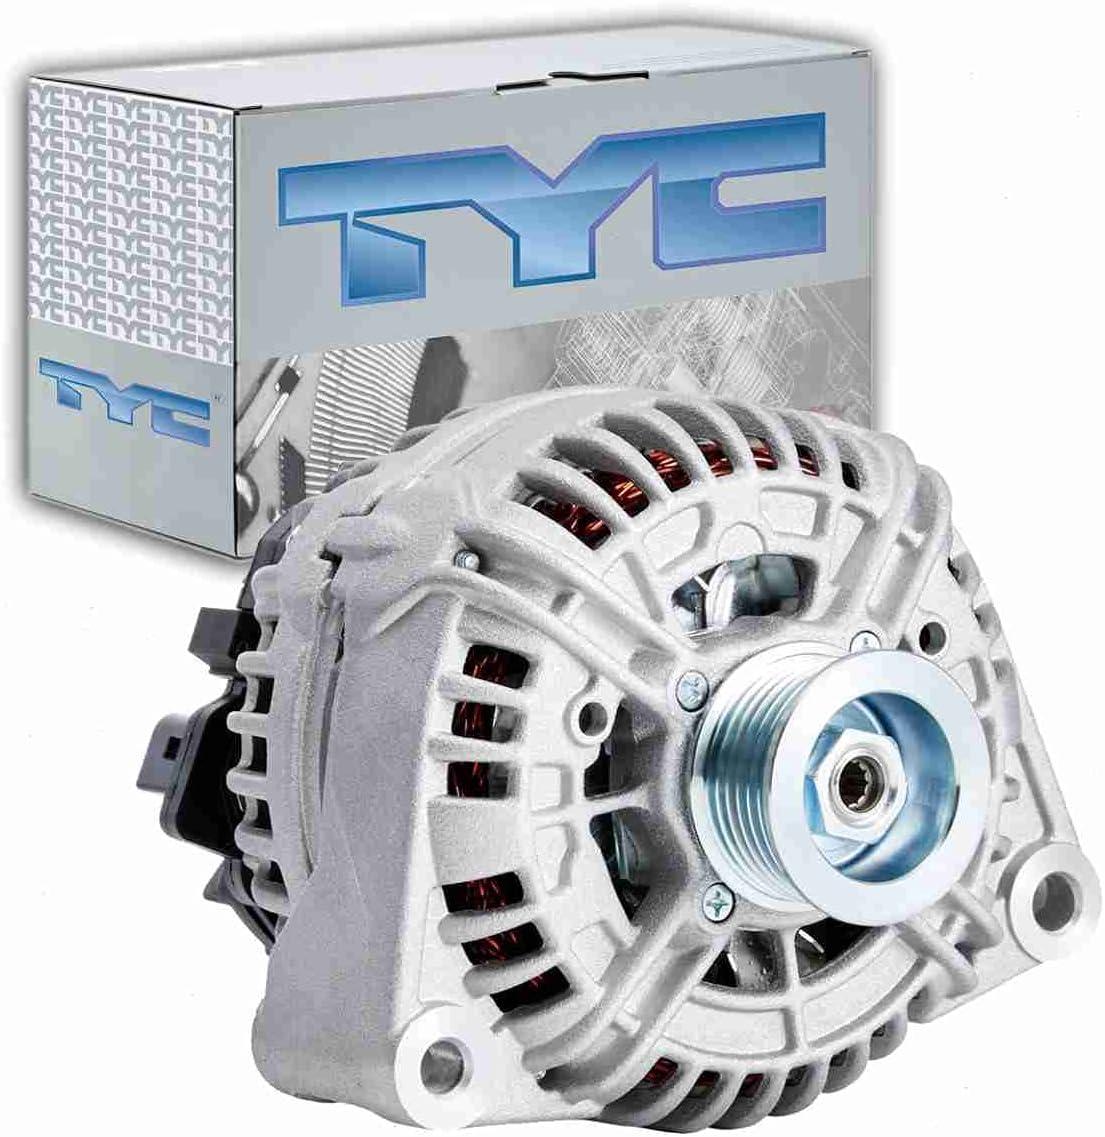 TYC Alternator compatible with Mercedes-Benz E500 San Antonio Mall Deluxe 2003-2 5.0L V8